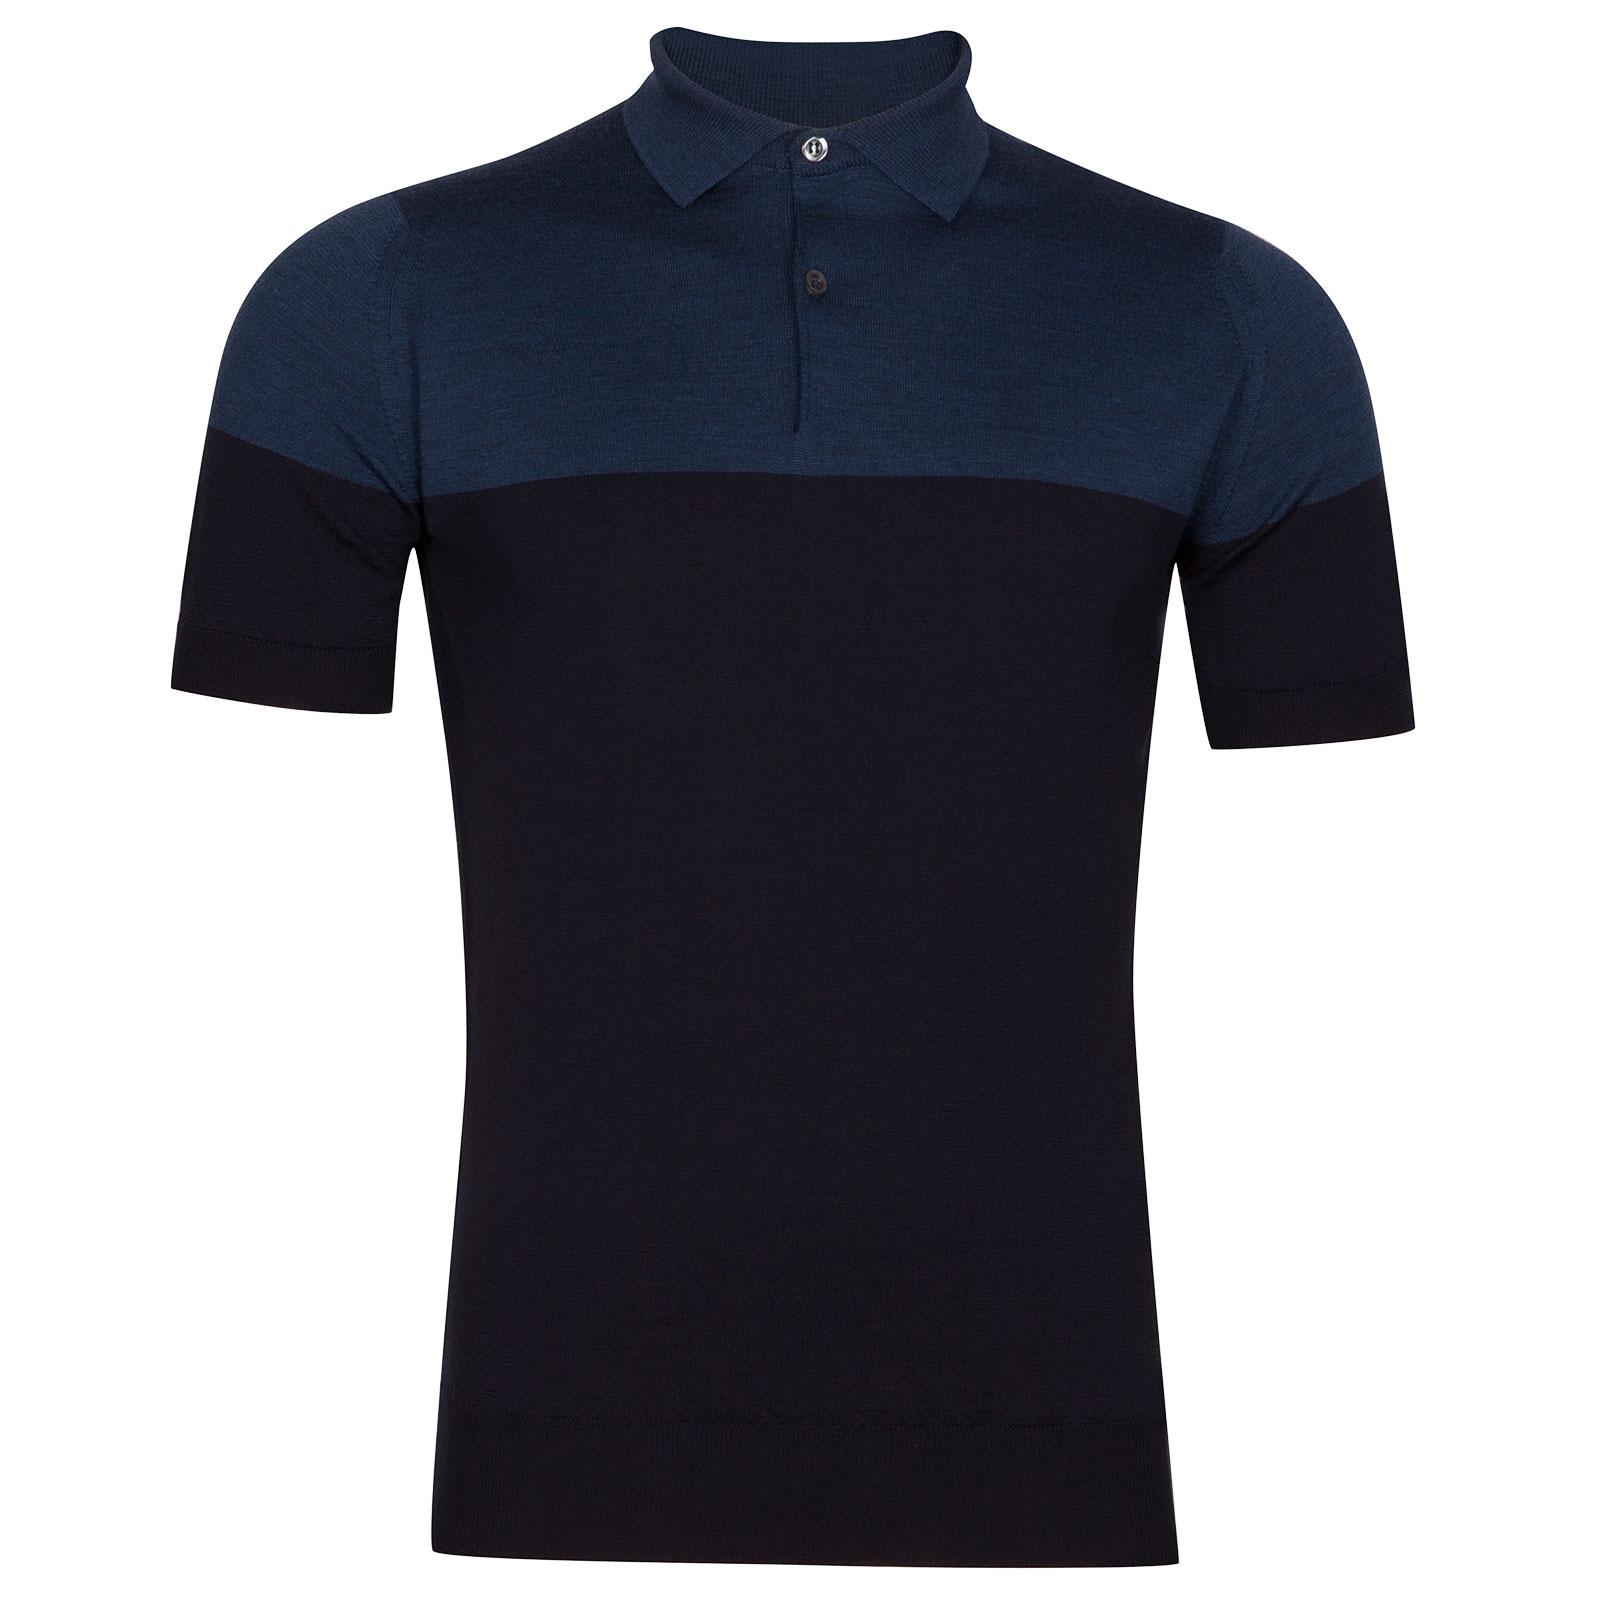 John Smedley Toller Extra Fine Merino Wool Shirt in Midnight-L